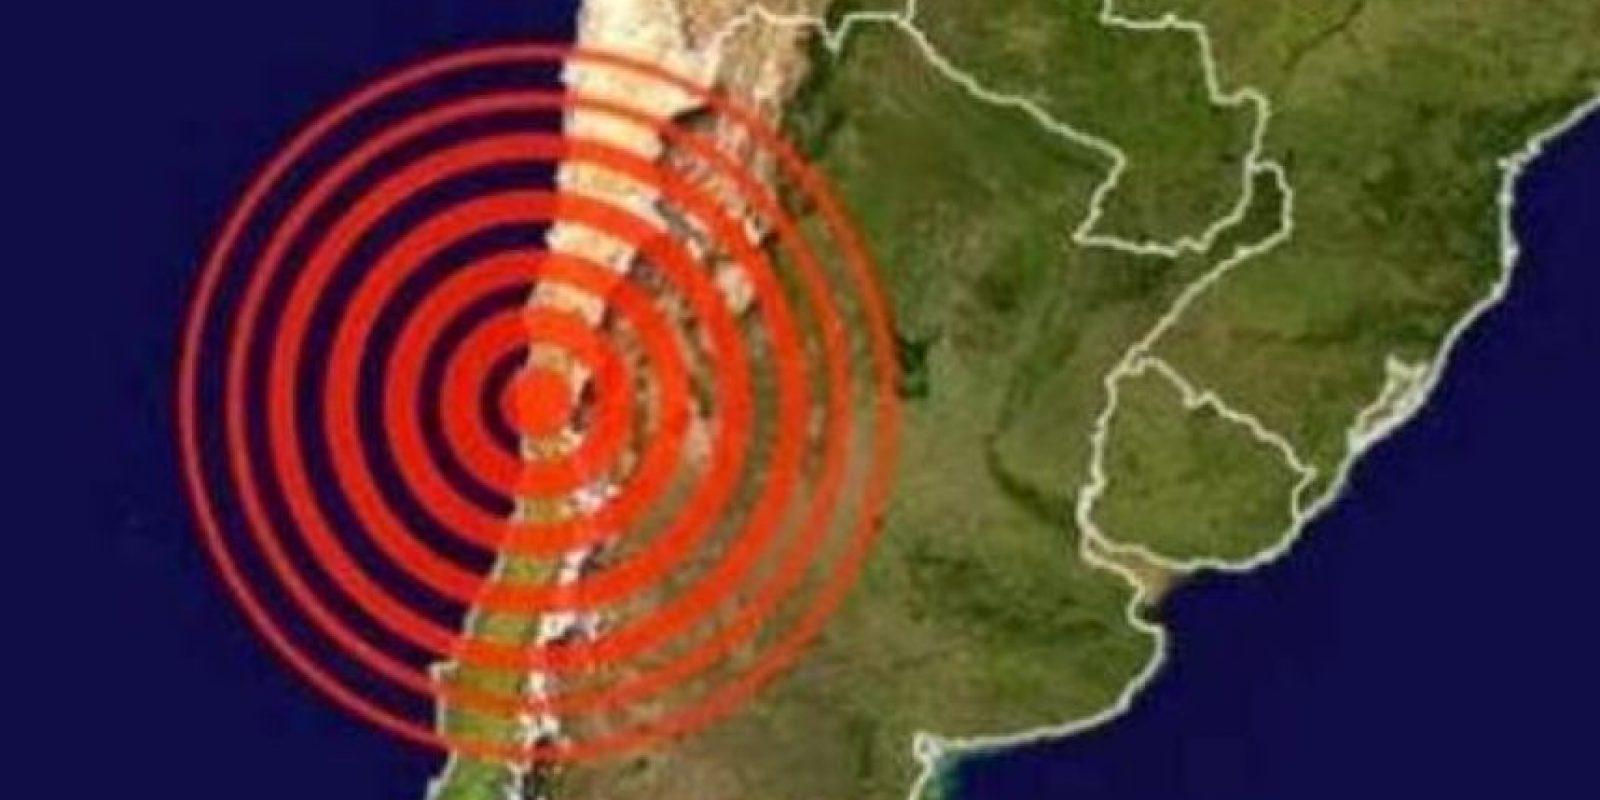 Un sismo de 8.4 grados en la escala de Richter sacudió a la zona central de Chile. Foto:vía Earthquake Hazards Program